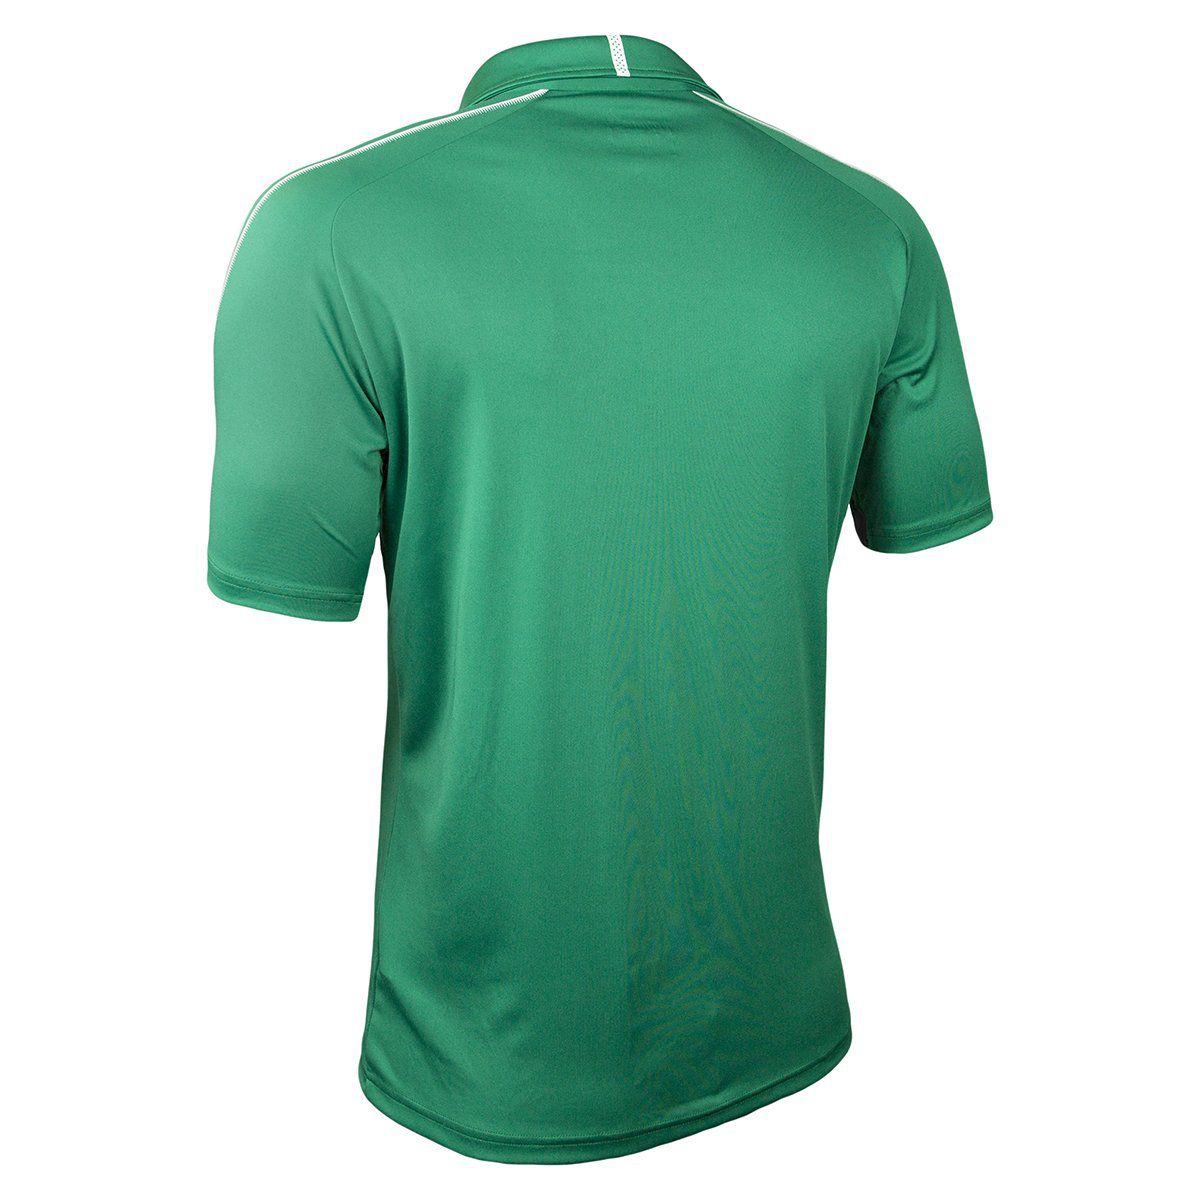 Camisa Polo Palmeiras Leisure Puma 2019